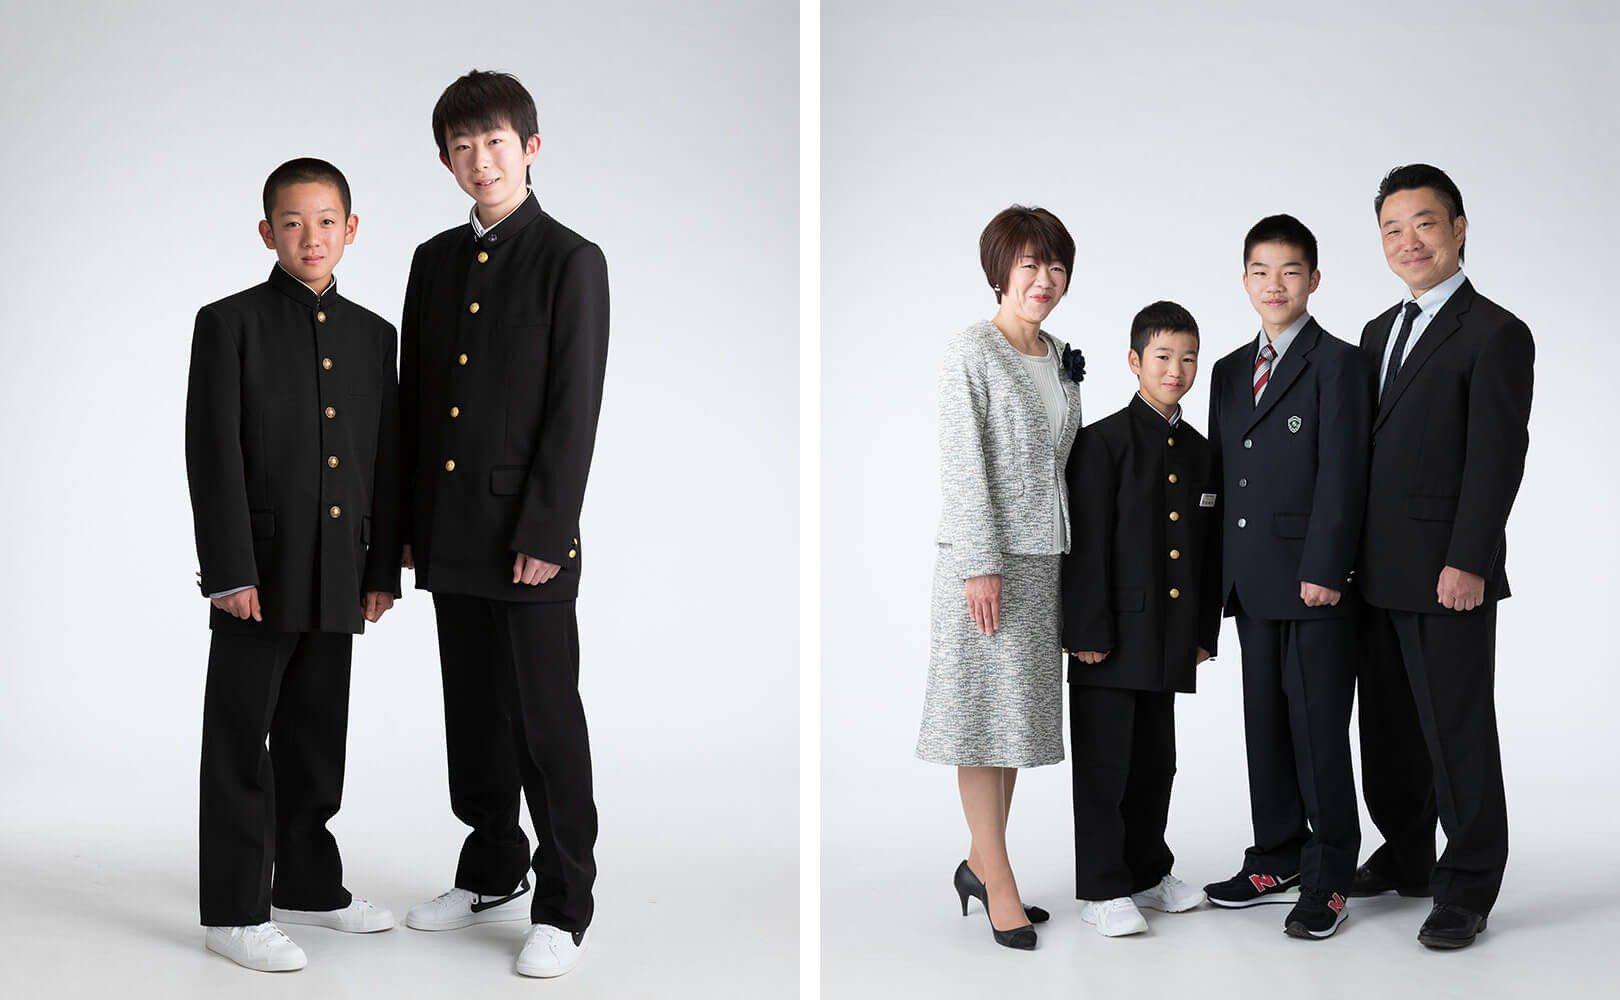 中学入学の兄弟の写真と、中学・高校入学の家族写真